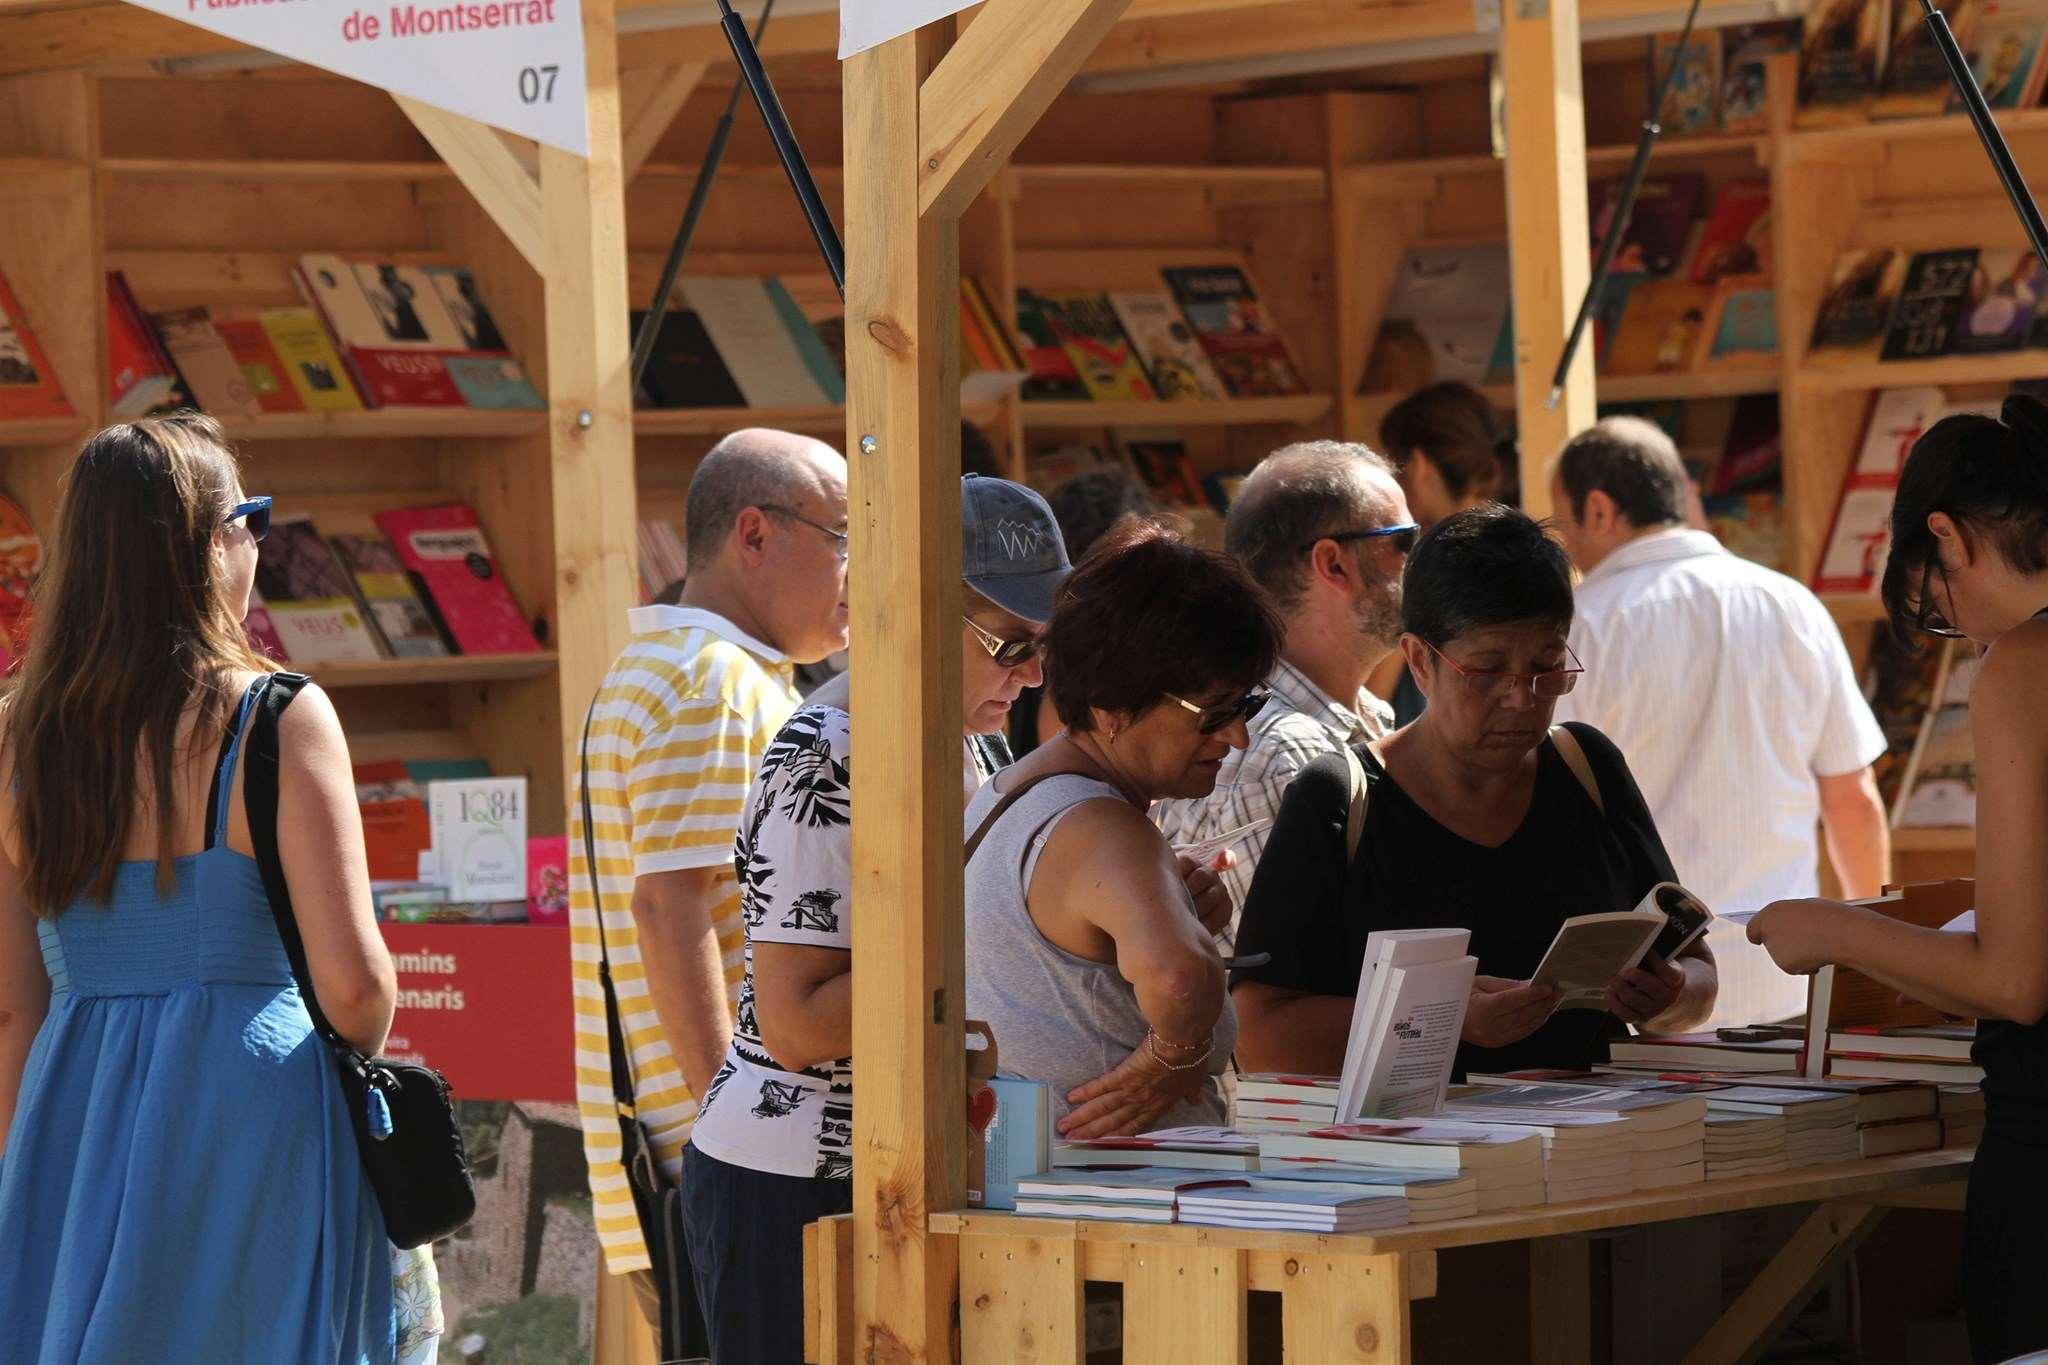 La Setmana del Llibre en Català (Barcelona)